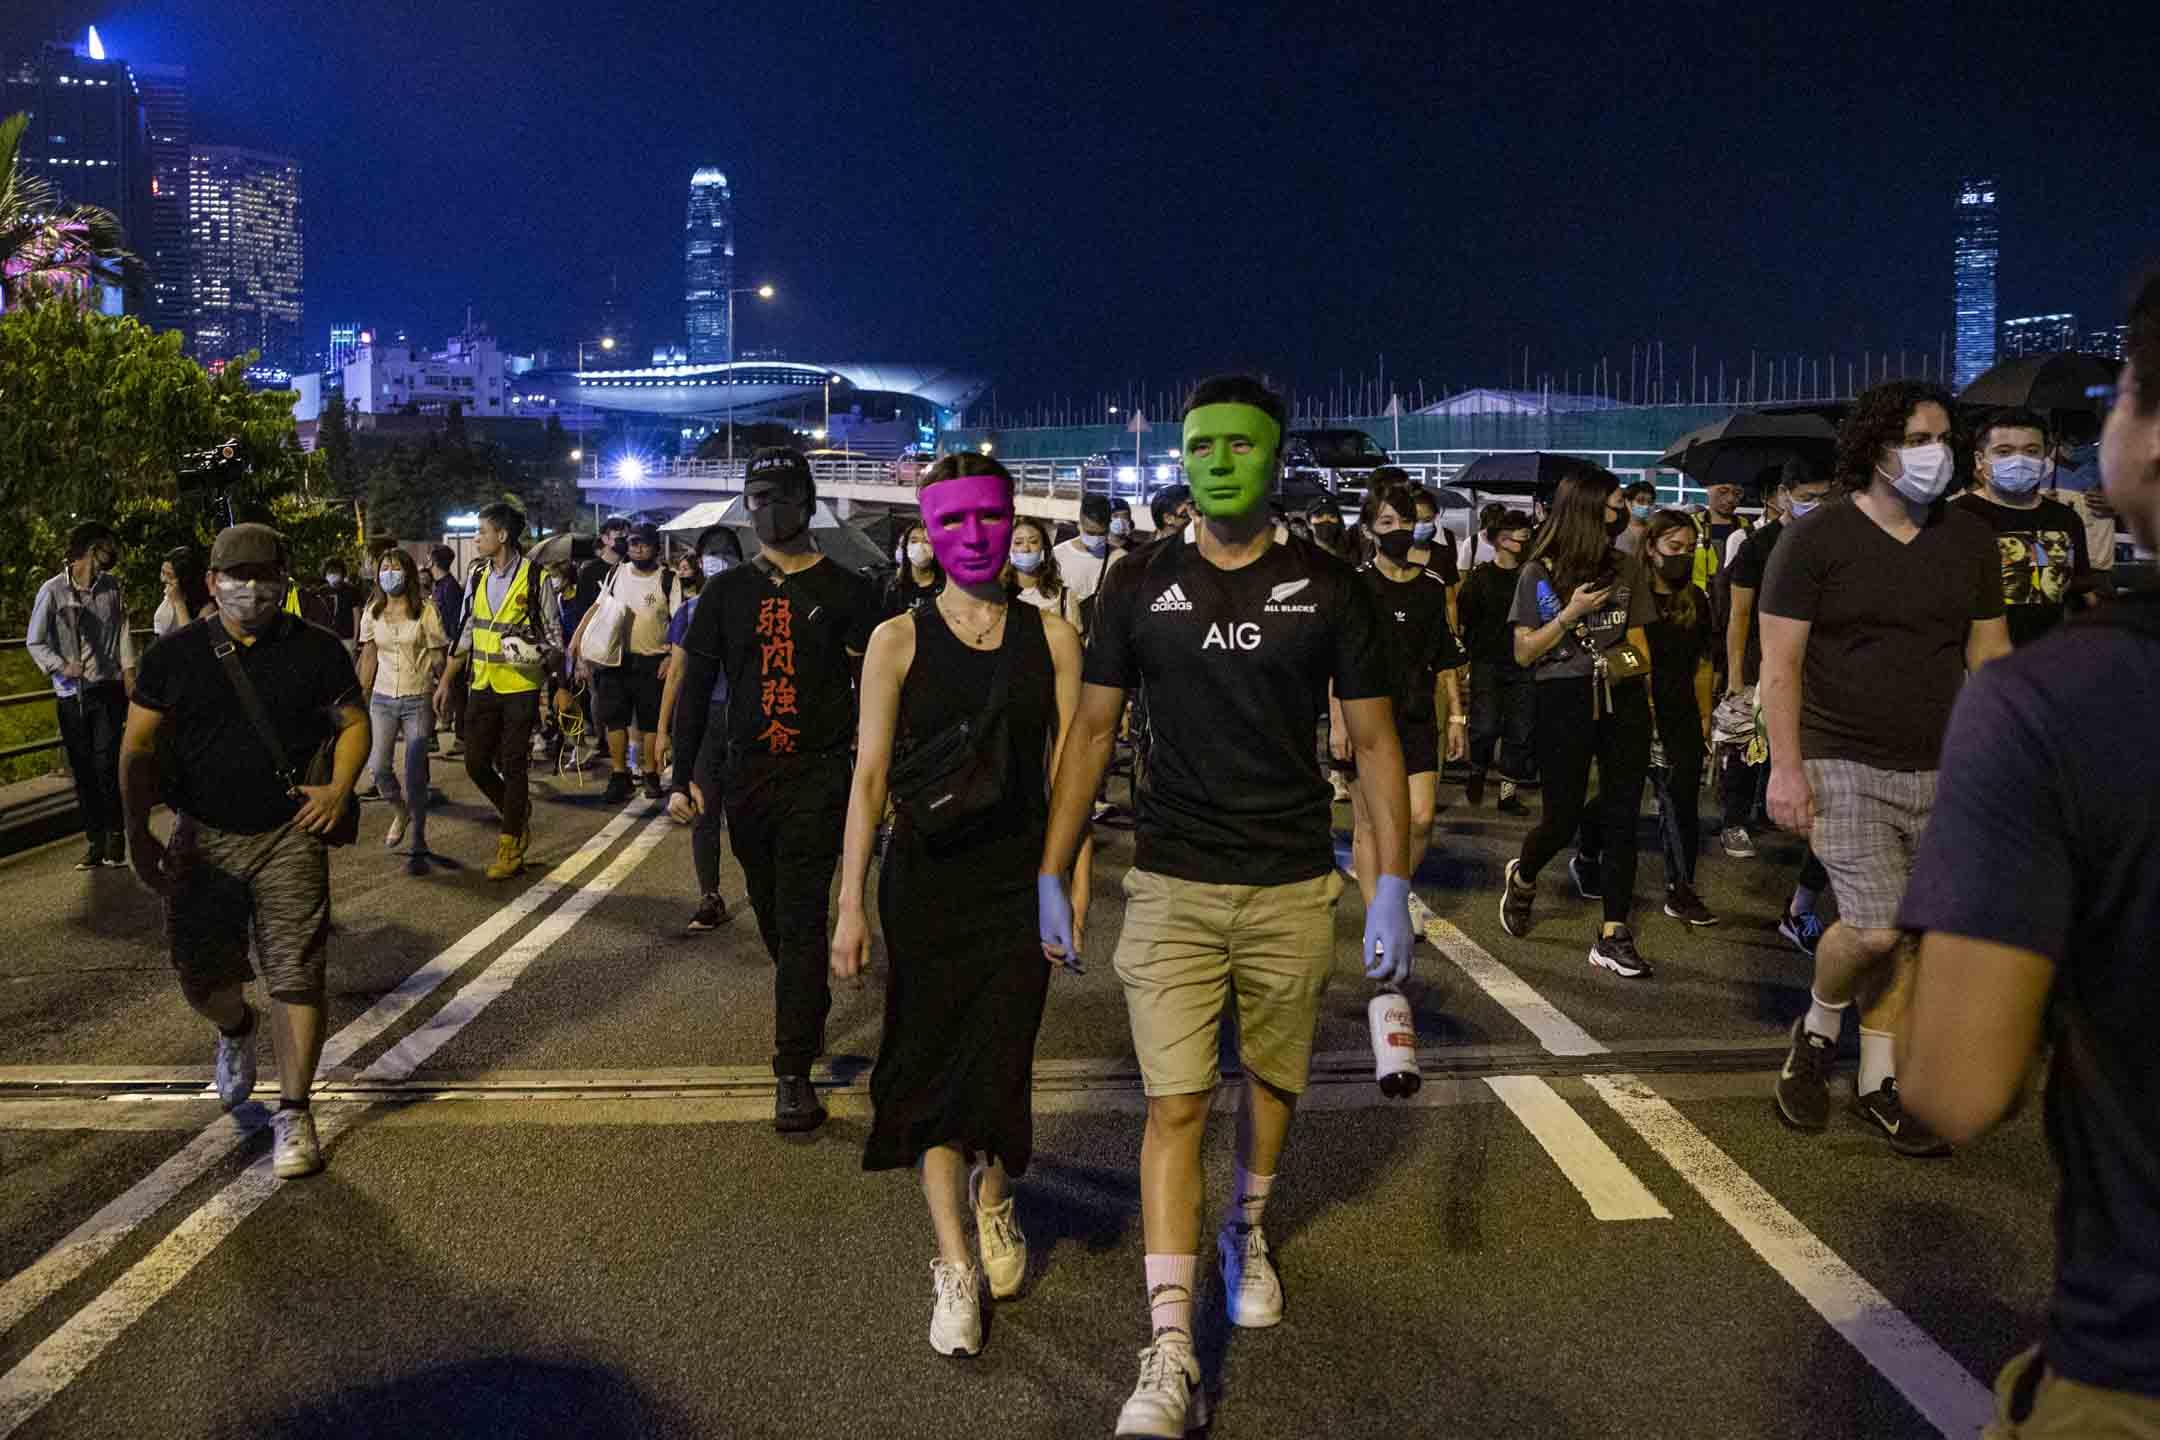 2019年10月4日,特首林鄭月娥聯同一眾問責官員召開記者會,宣布政府通過引用《緊急情況條例》訂立《禁止蒙面規例》, 晚上港島有市民戴上面具上街抗議。 攝:林振東/端傳媒